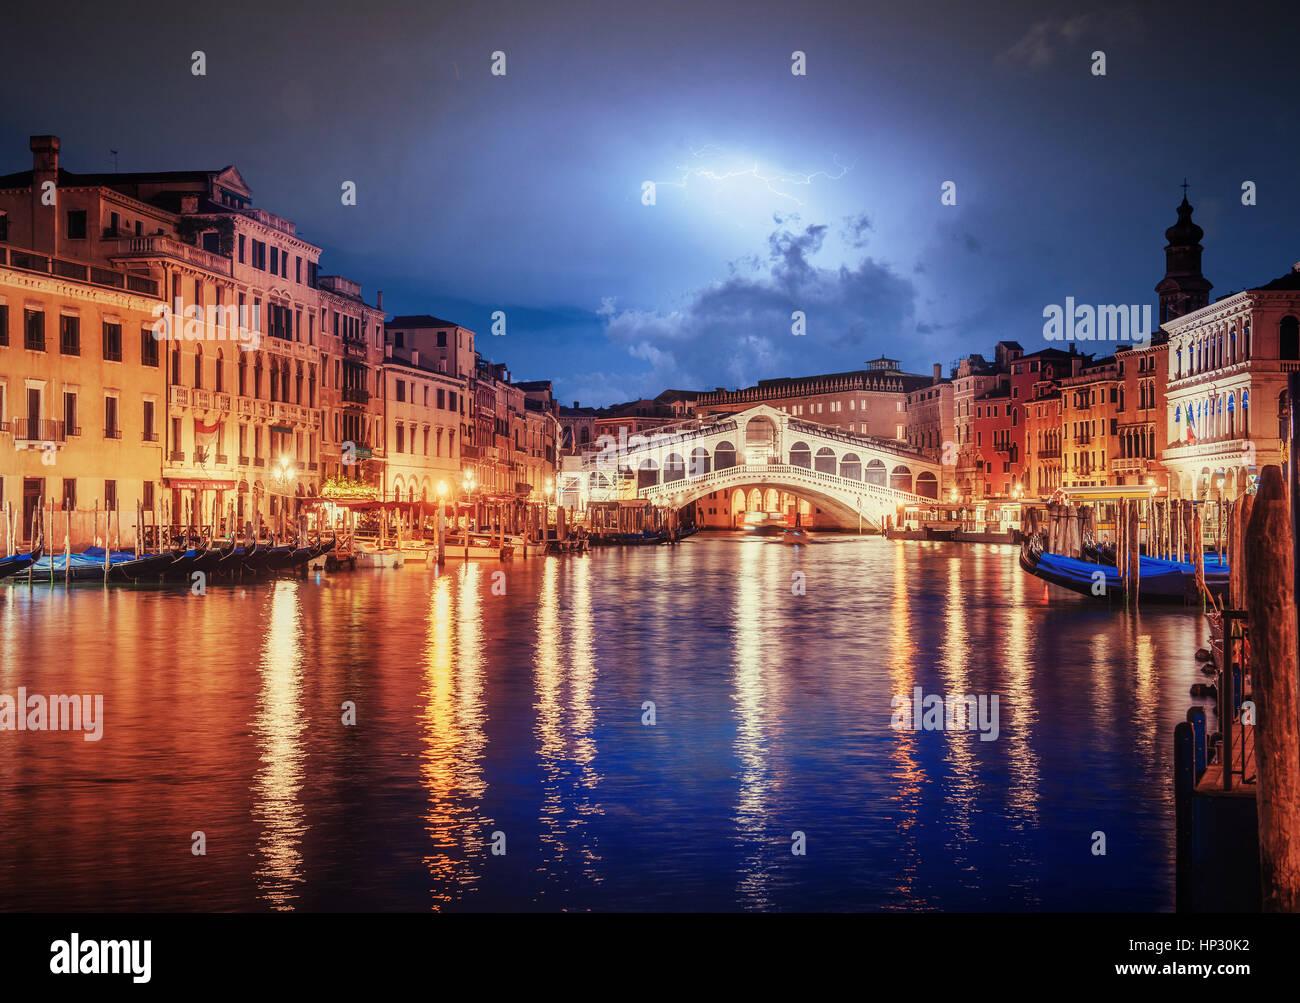 City landscape. Rialto Bridge in Venice - Stock Image